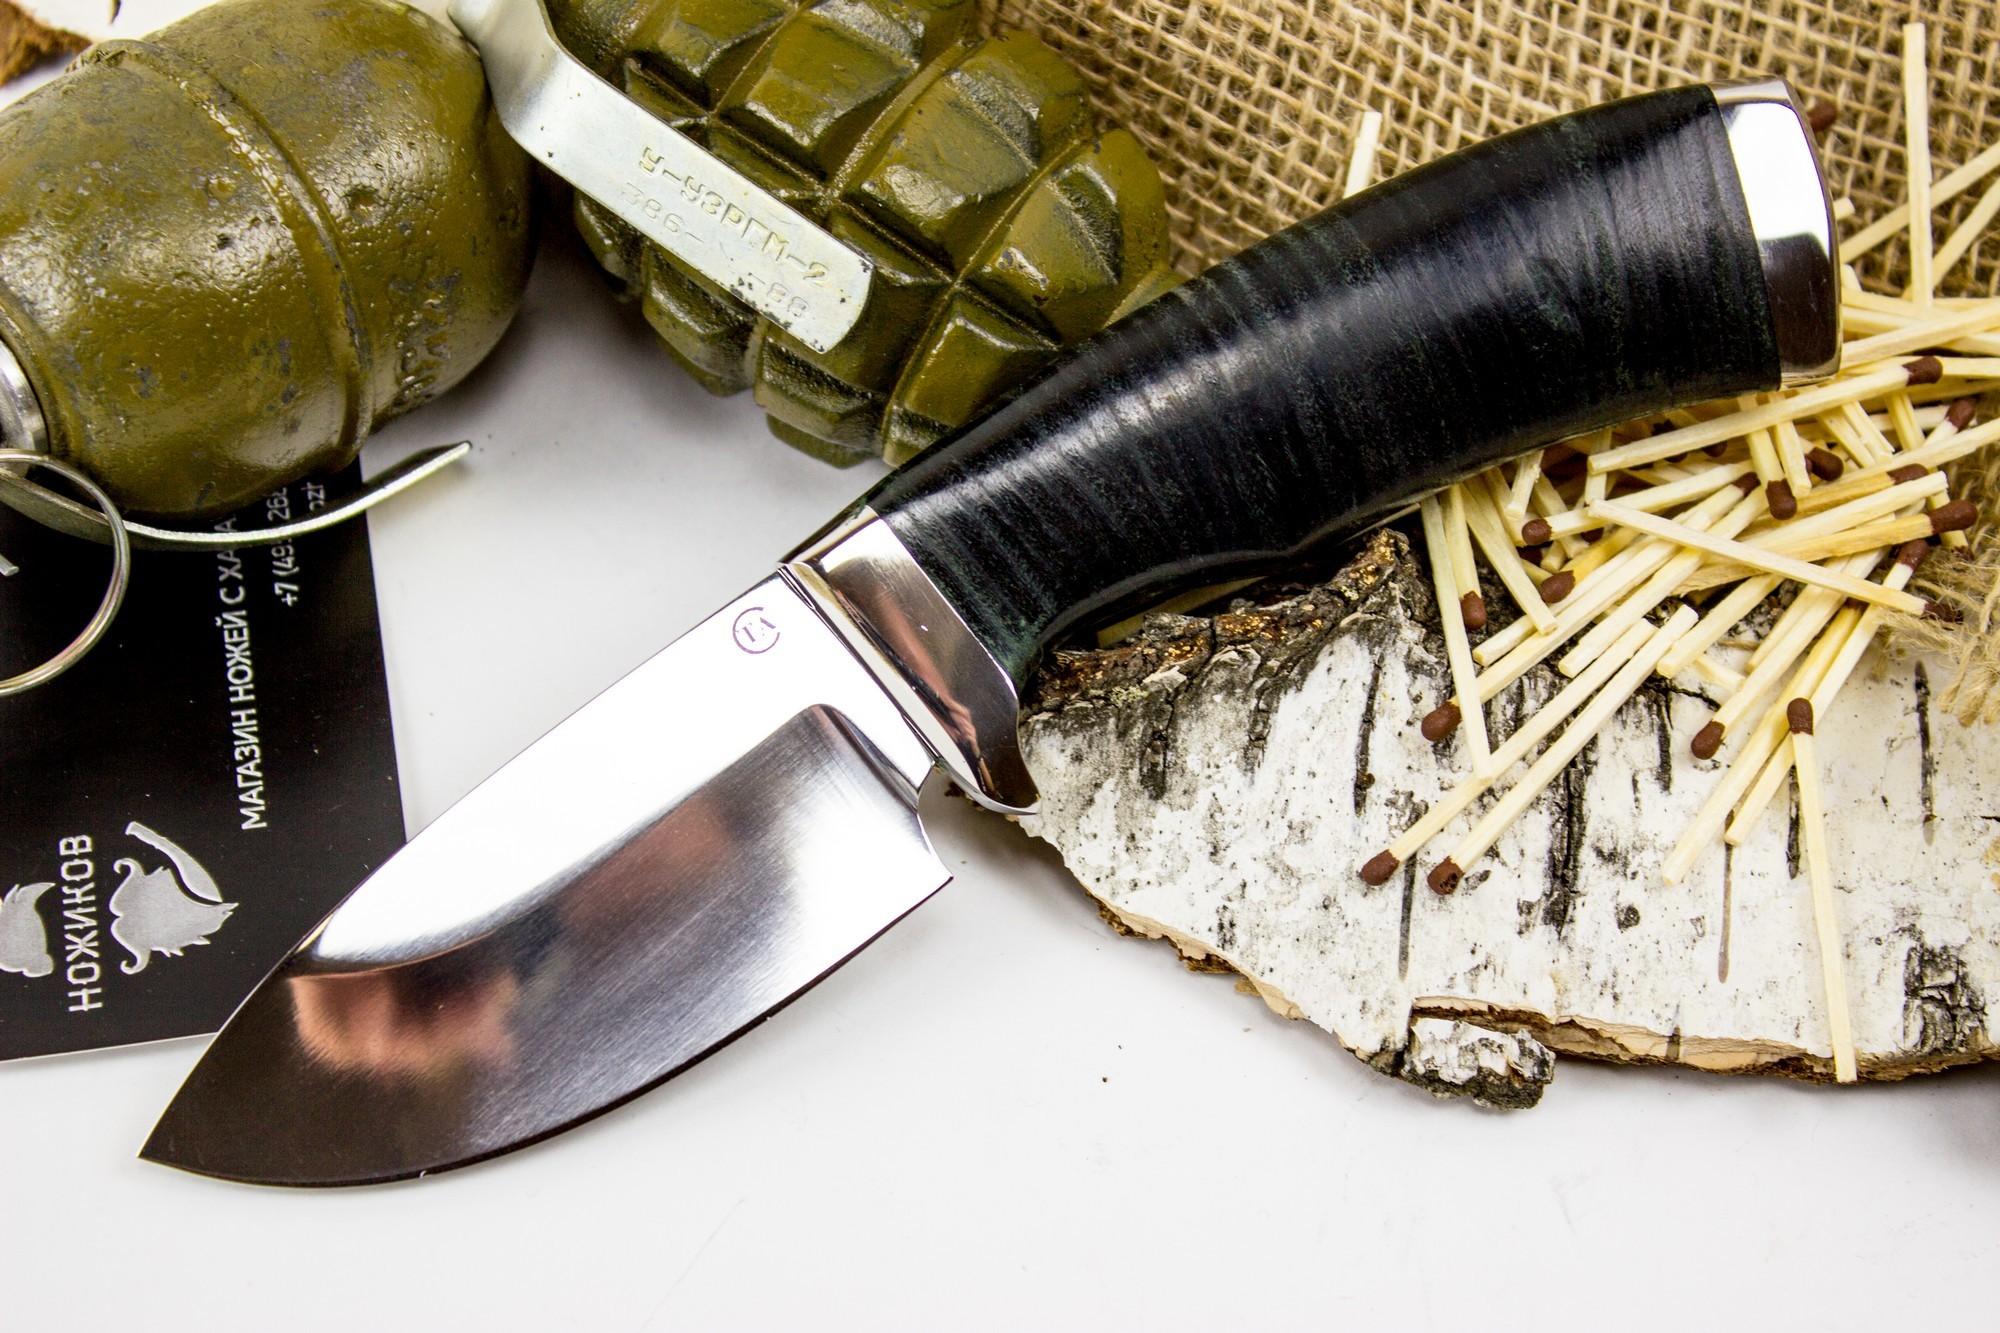 Нож Барсук-3, сталь 95х18, кожа титов и солдатова барсук 1